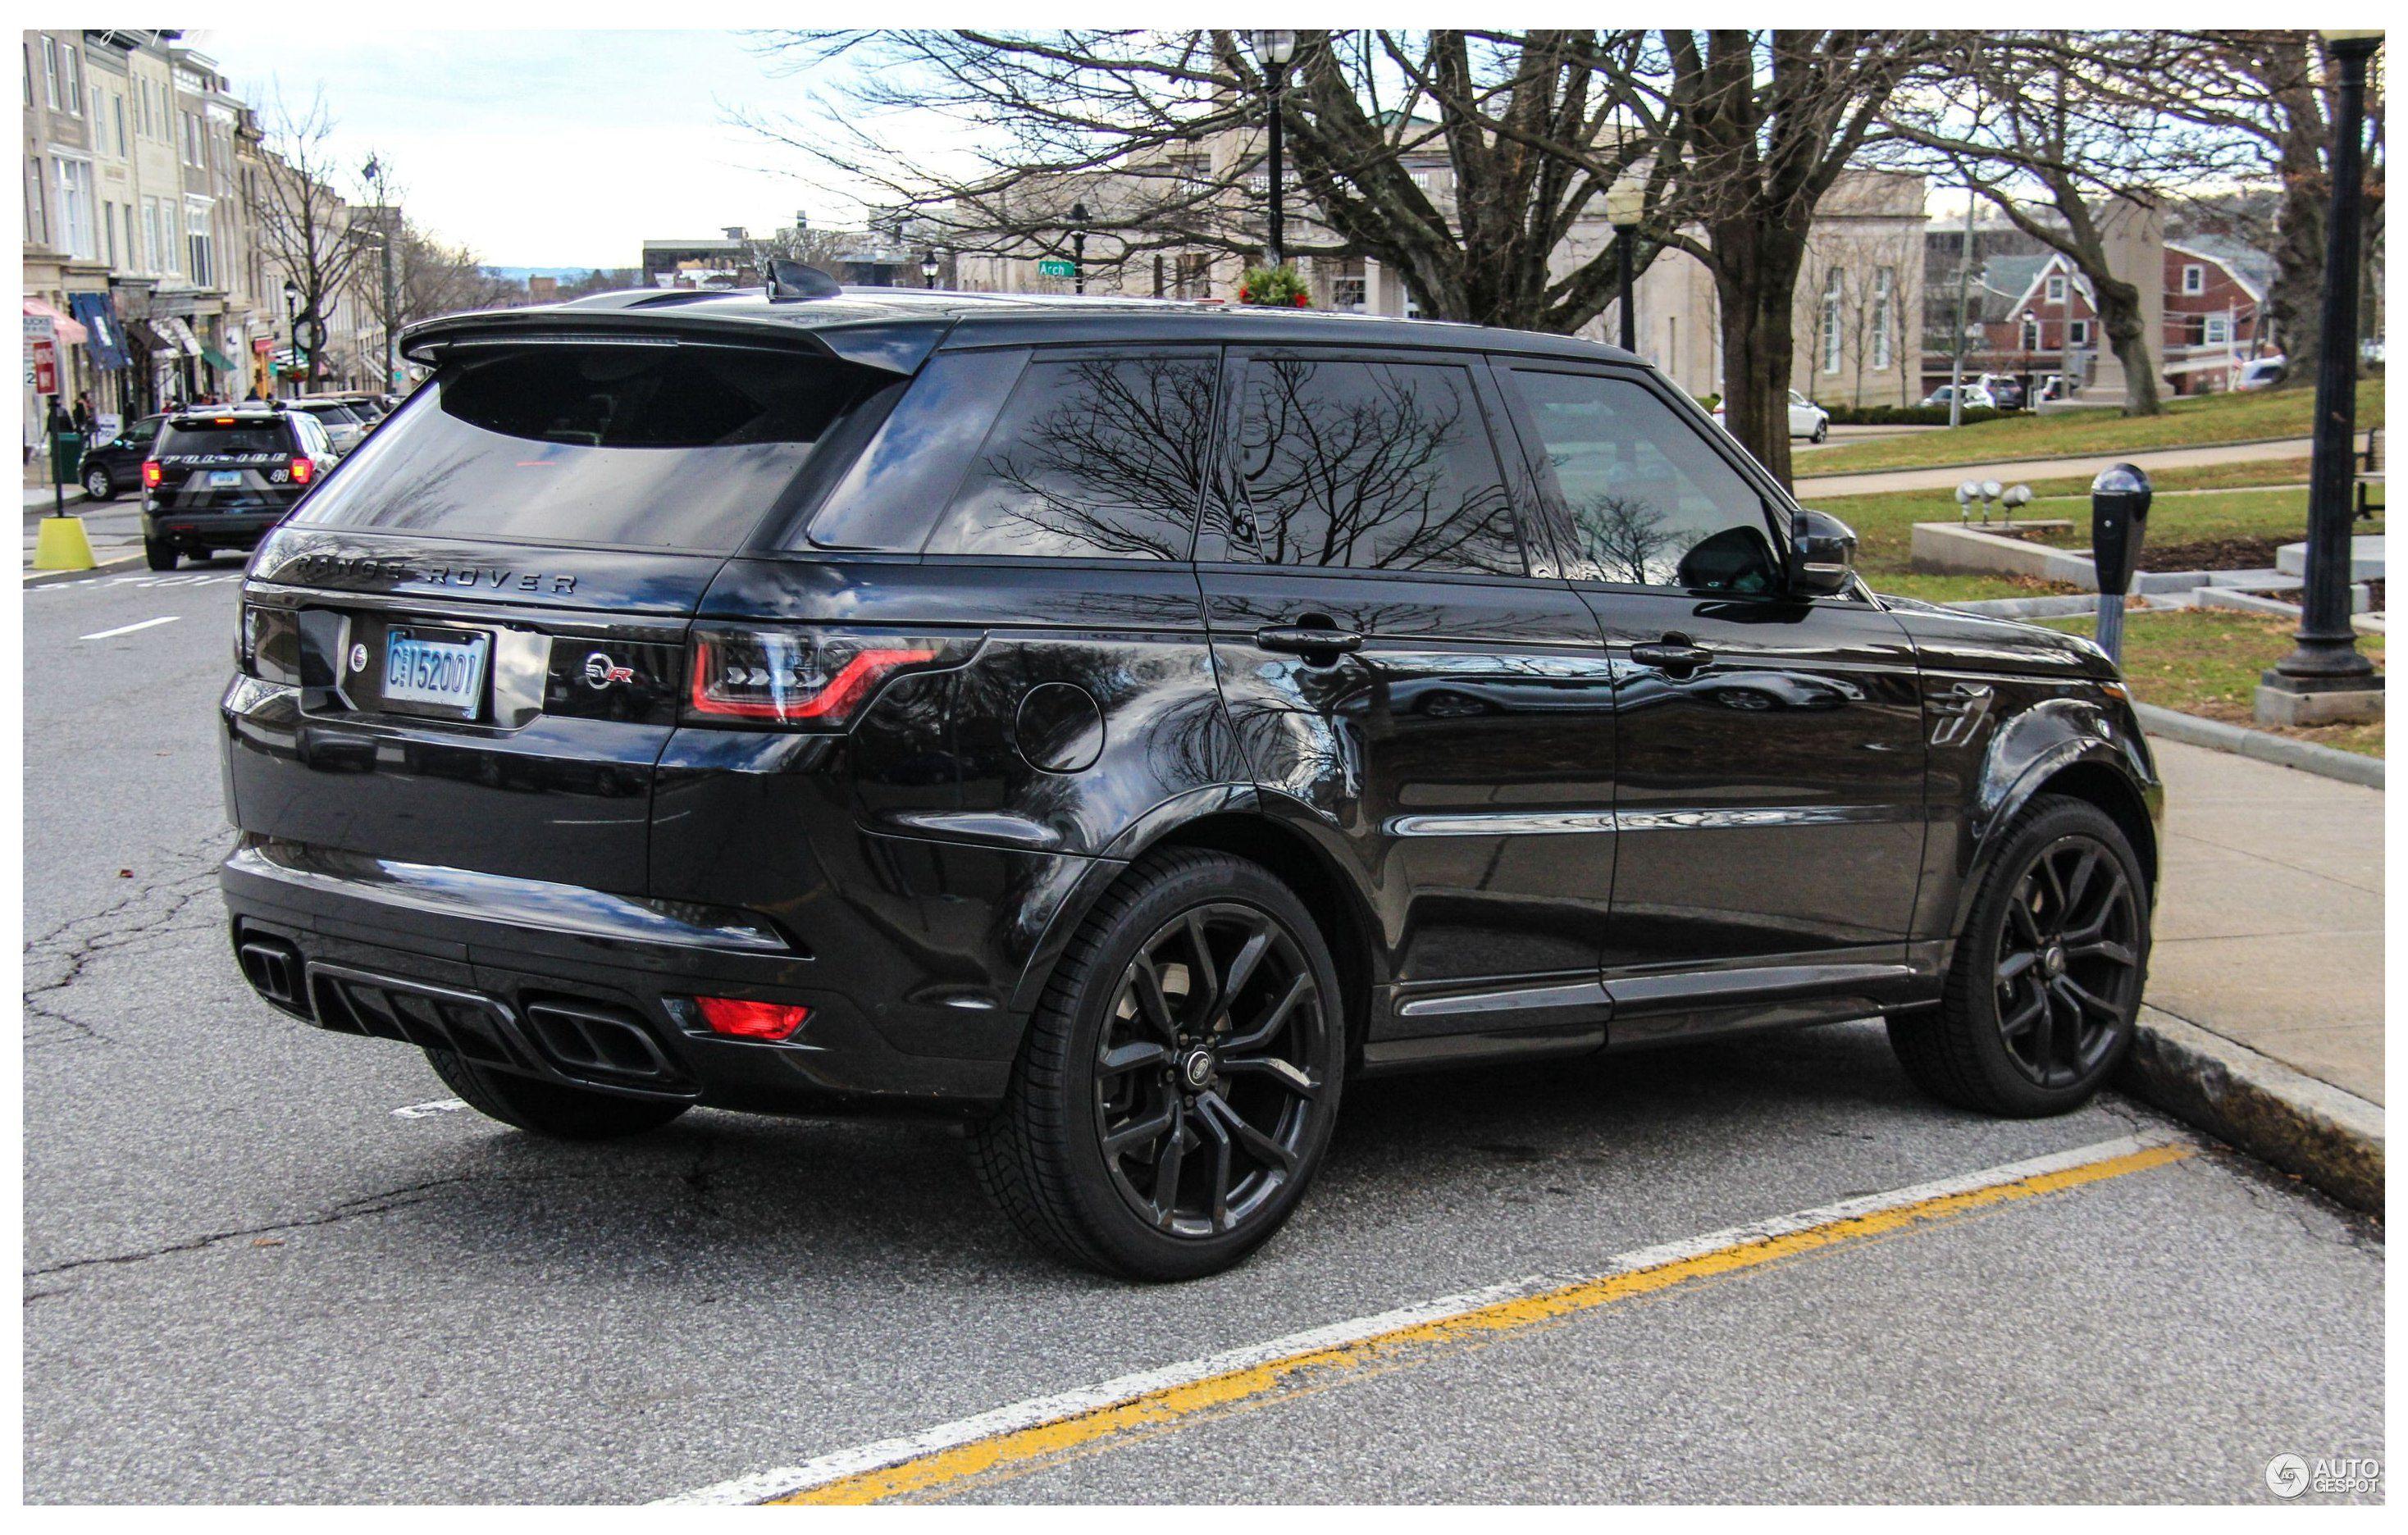 2019 Range Rover Sport Range Rover Sport 2019 Rangeroversport2019 In 2021 Range Rover Sport Range Rover Luxury Cars Range Rover